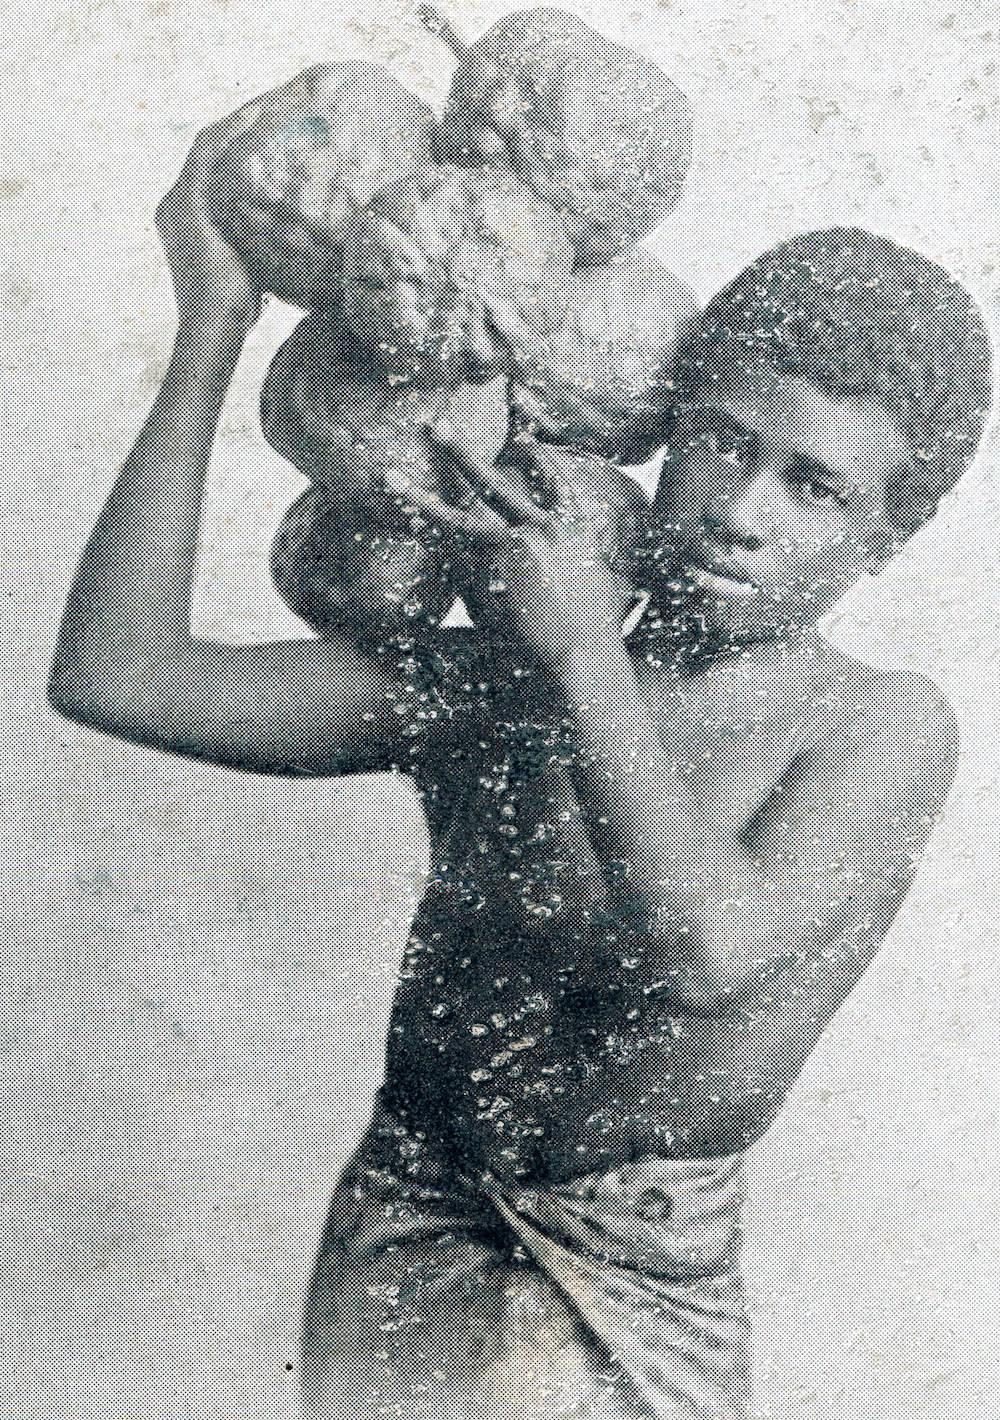 Young_man_carrying_fruit_of_a_breadfruit_tree,_Fiji,_ca.1900-1930